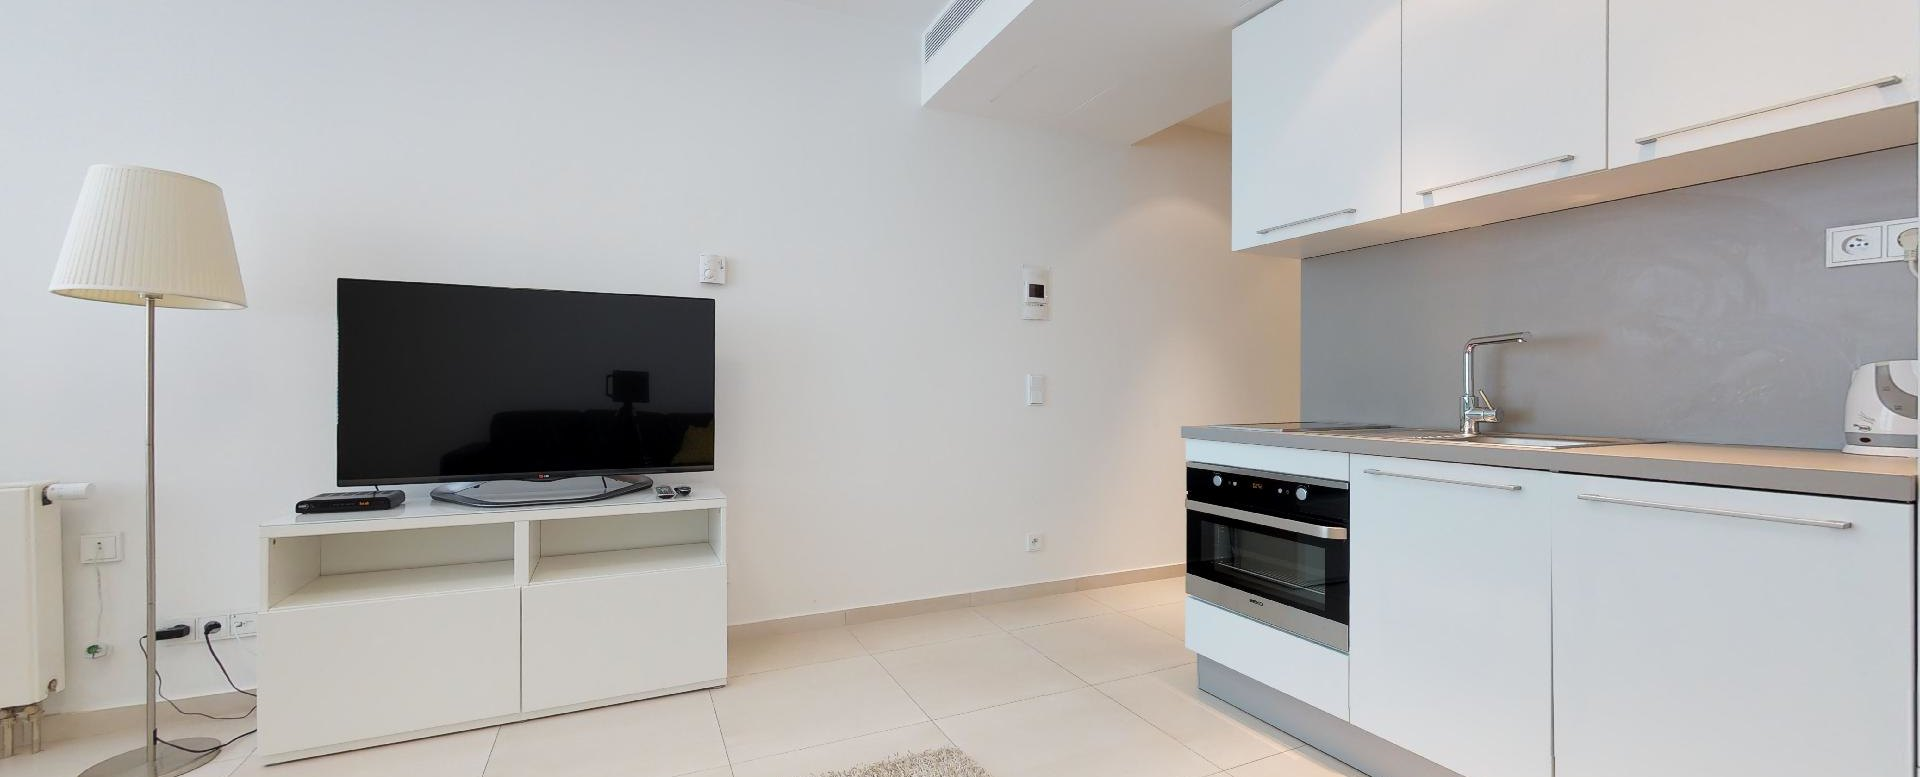 Kuchynský kút, TV a lampa